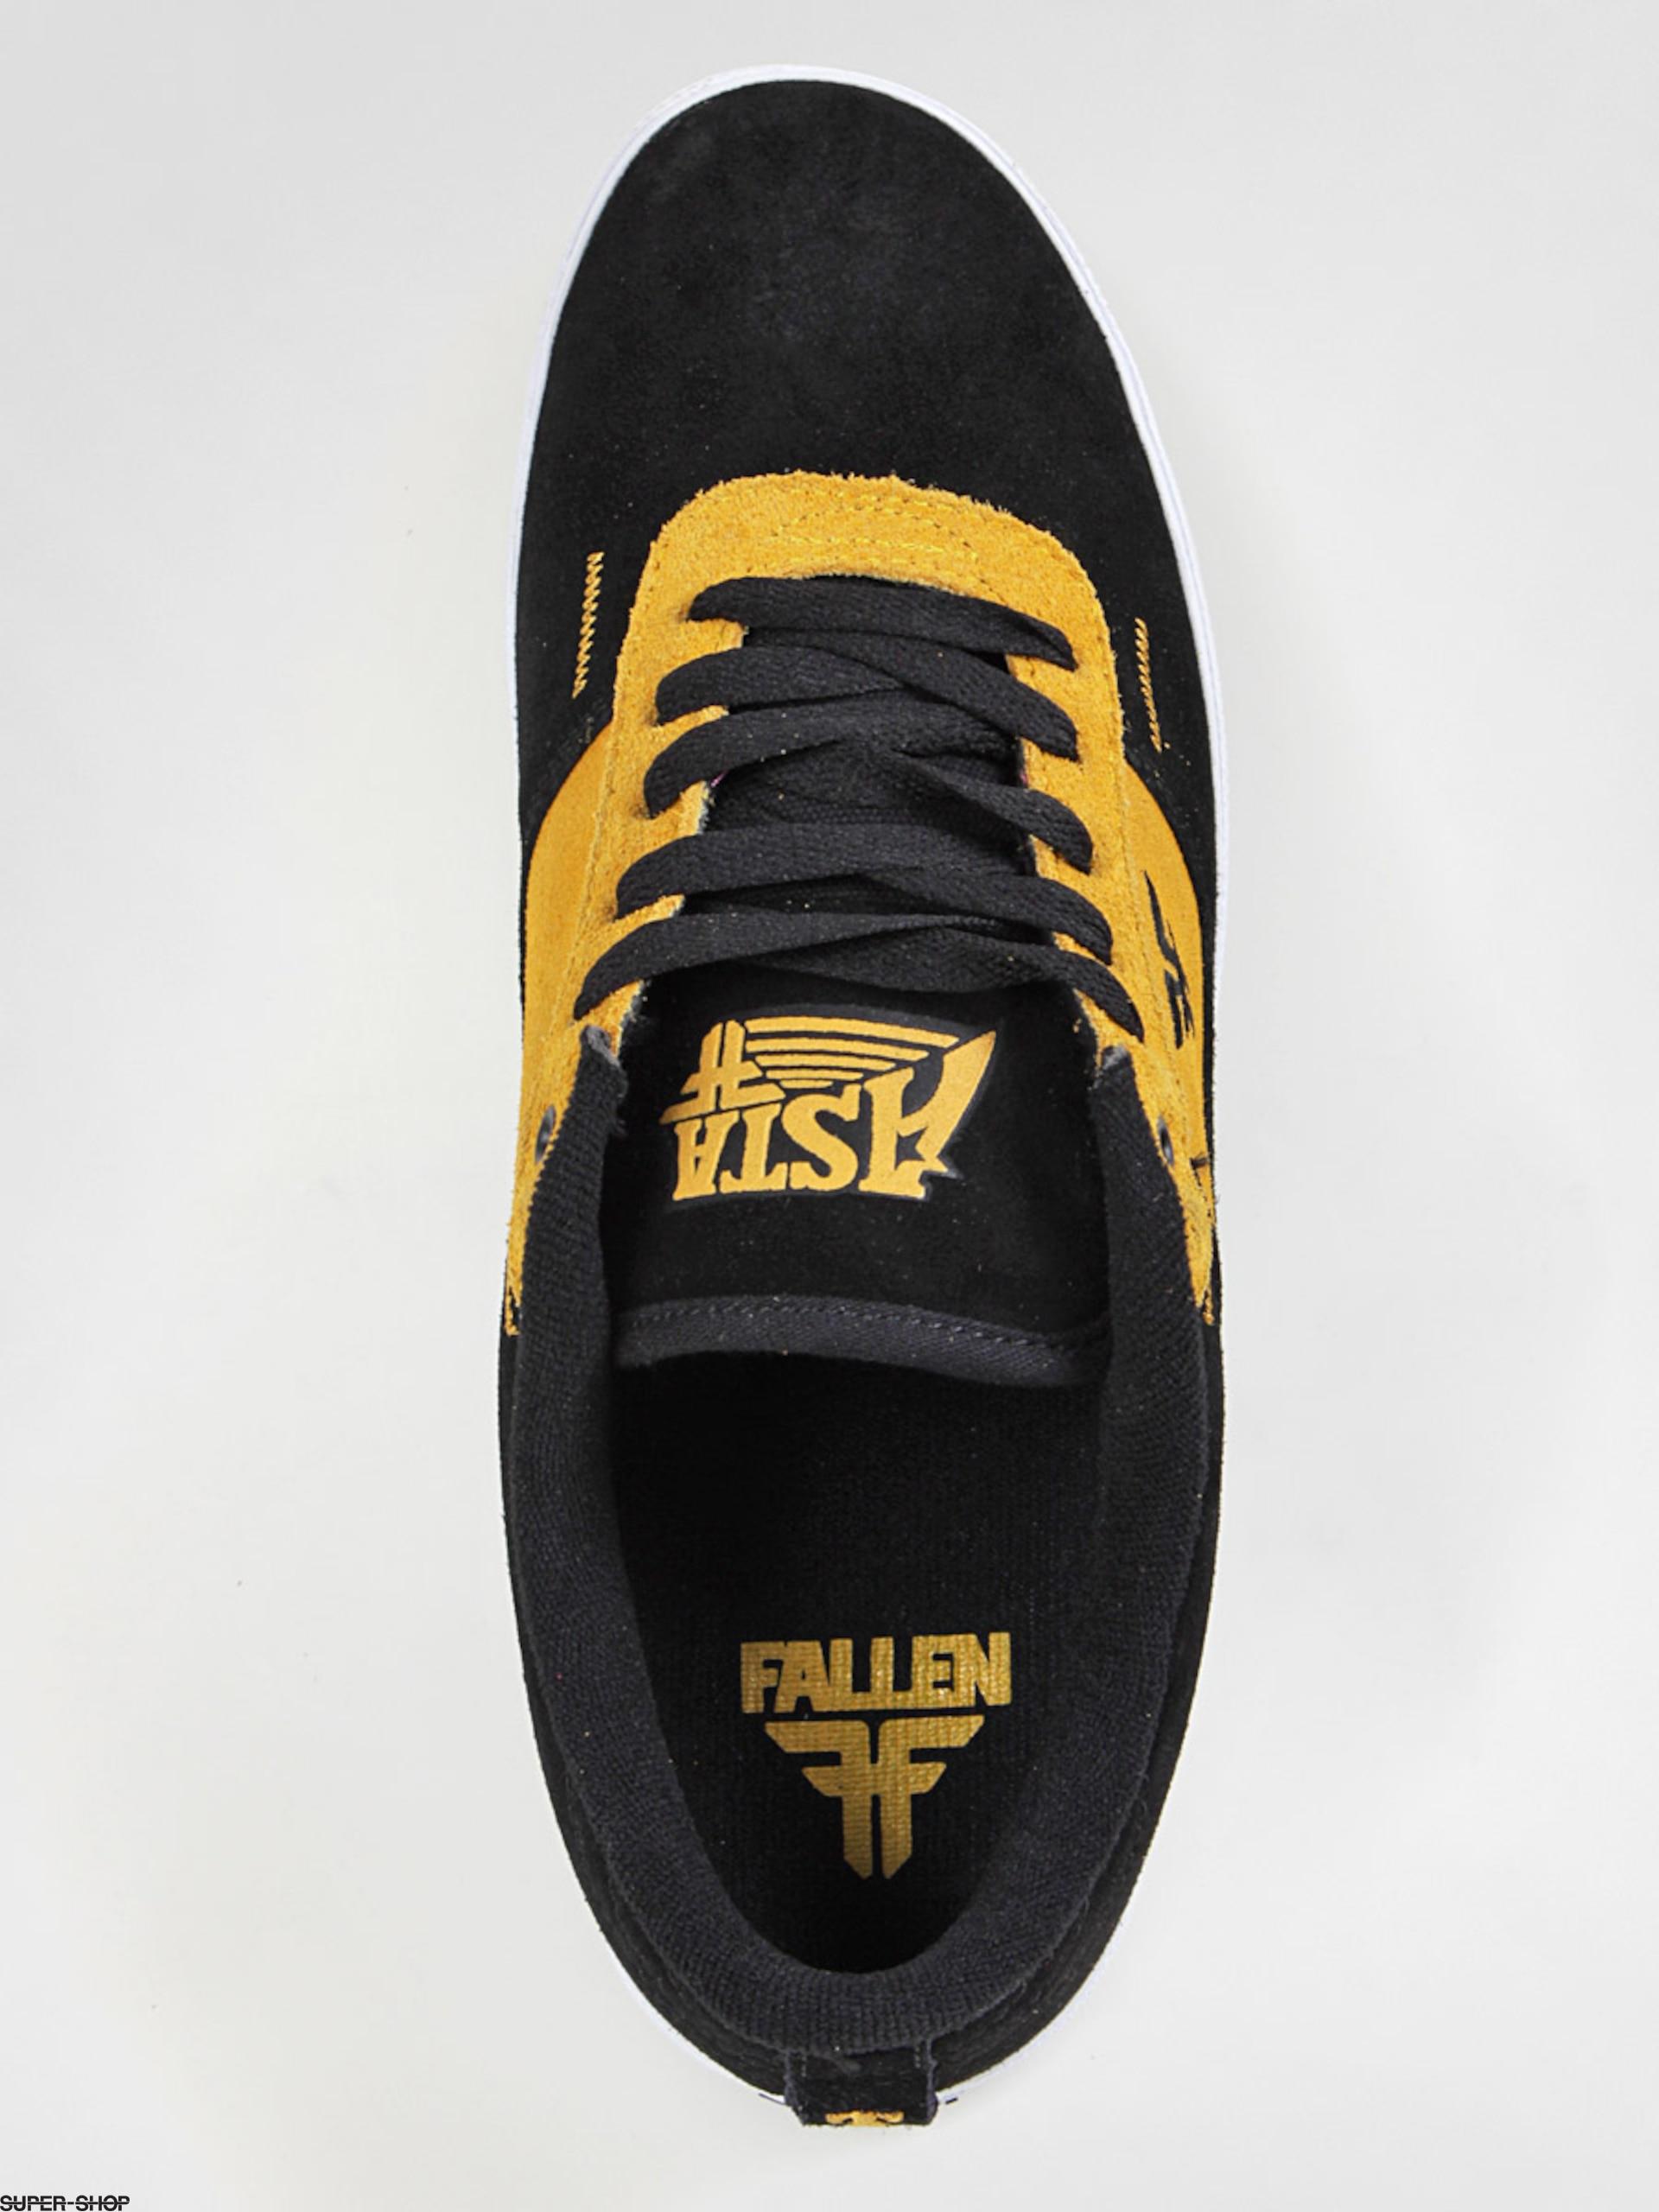 Fallen shoes Rookie (black/mustard)